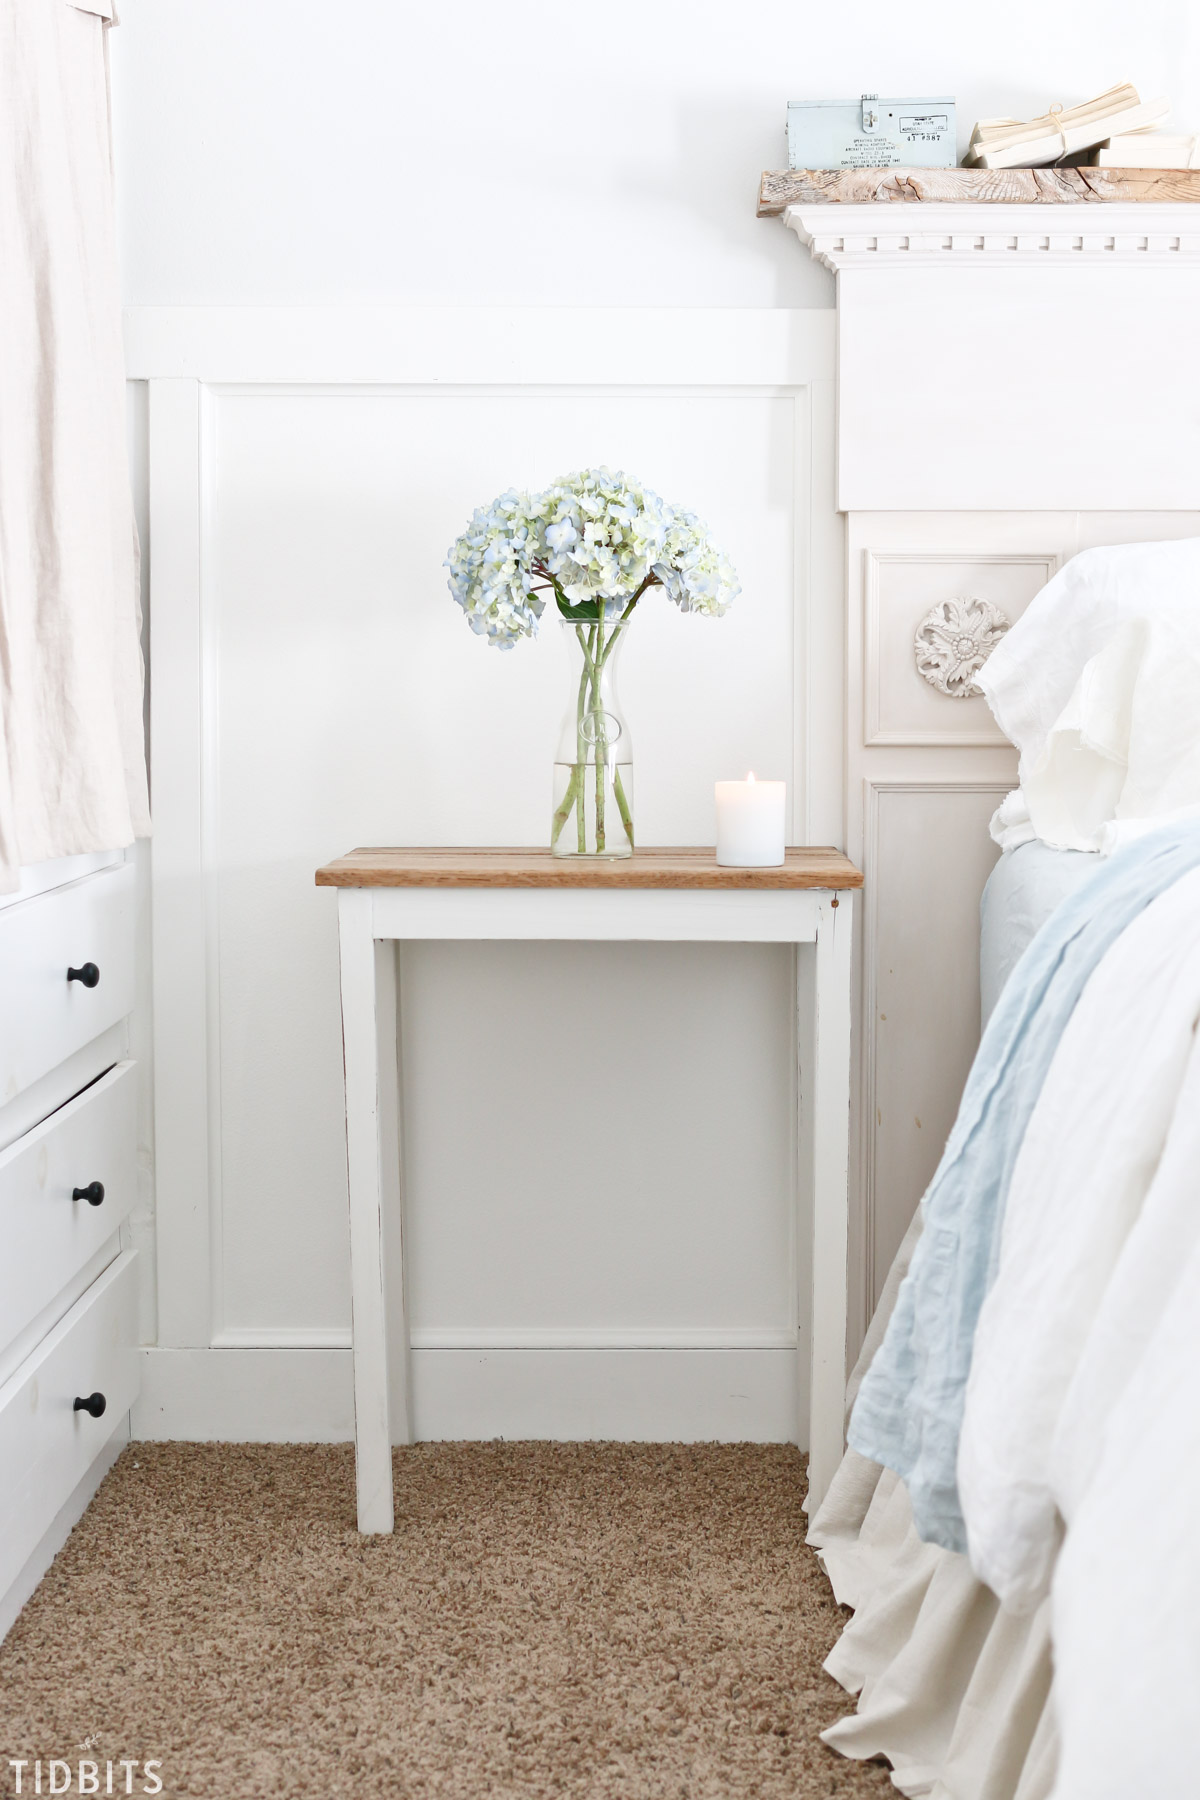 Simple bedroom nightstand decor